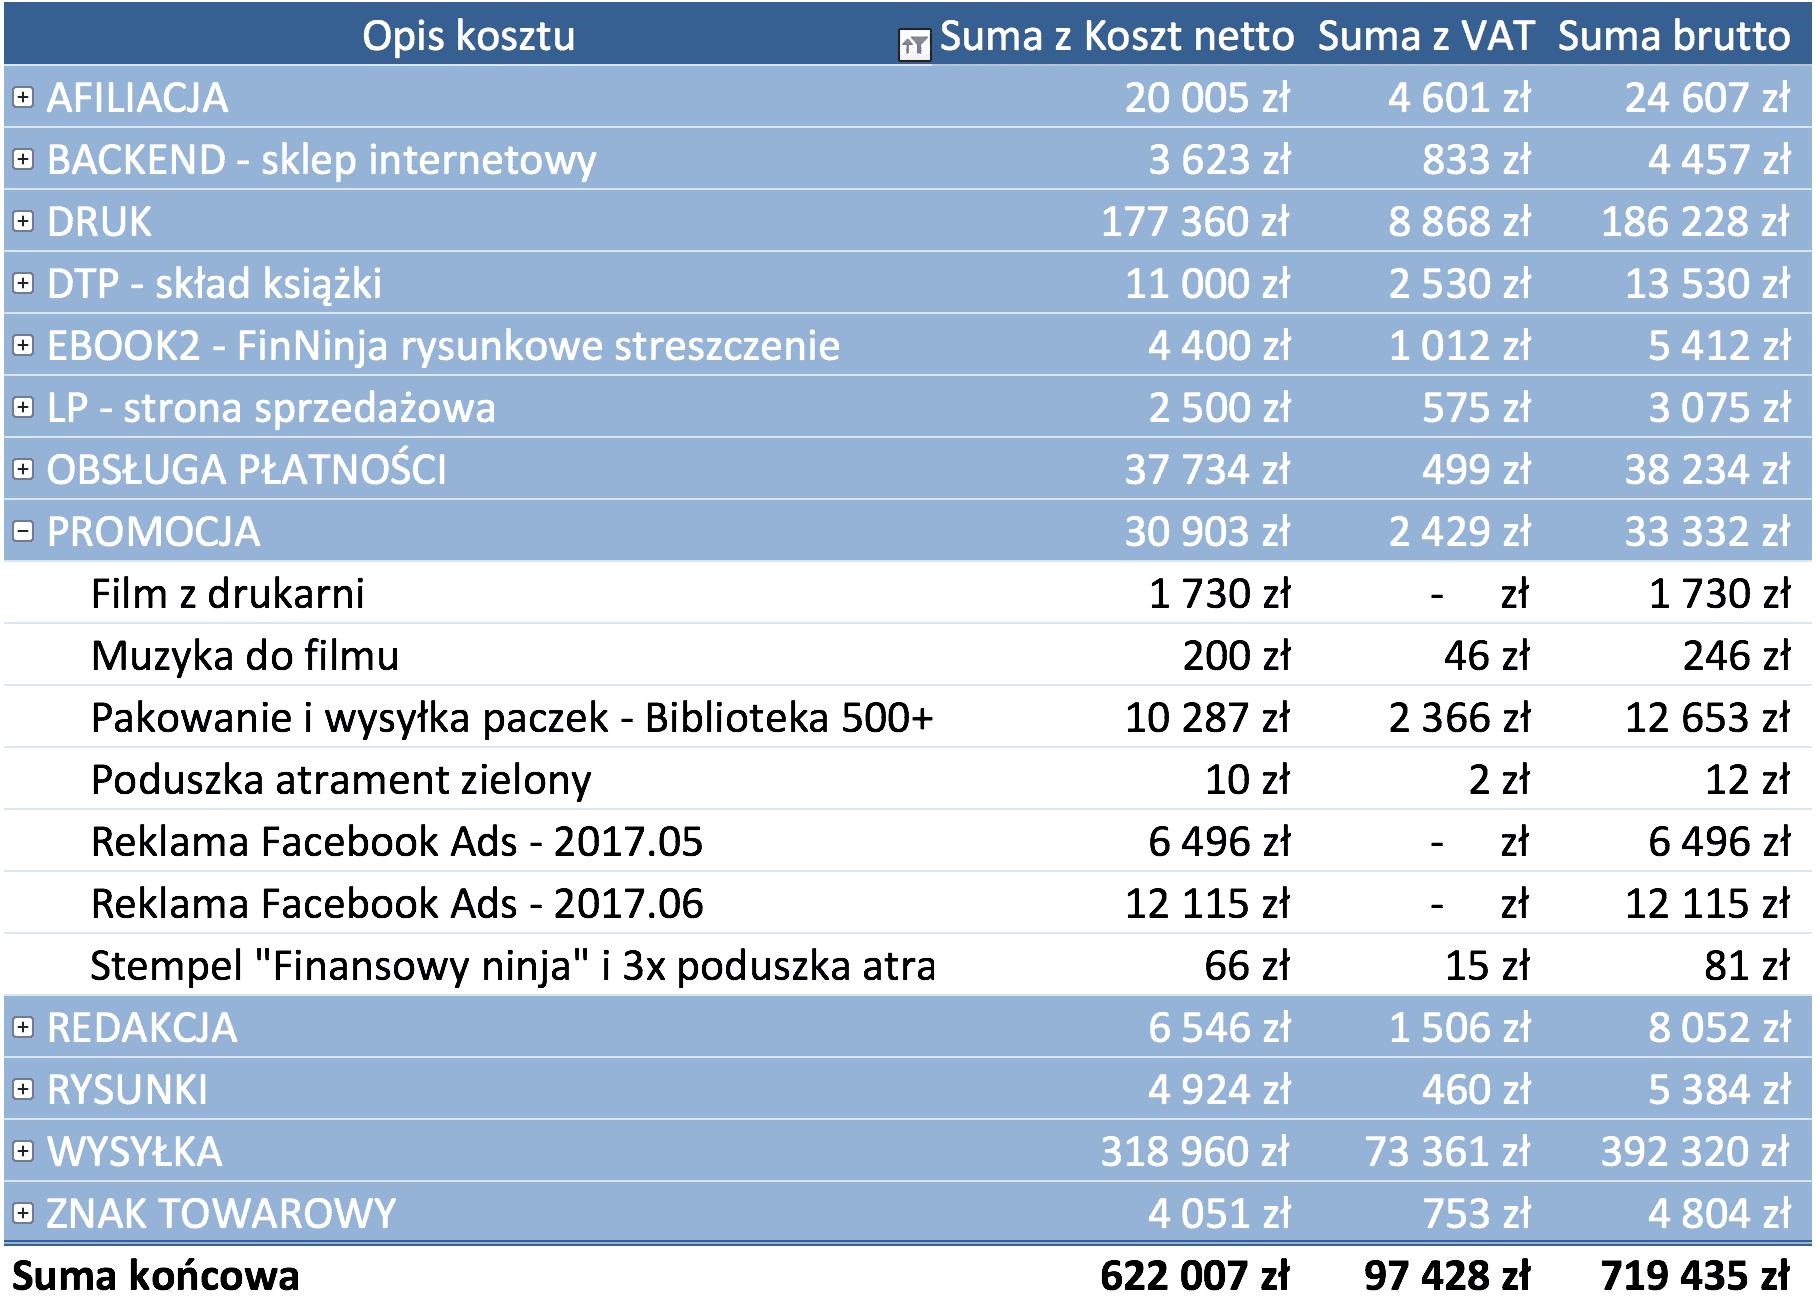 Finansowy ninja - suma kosztów w okresie 1 roku